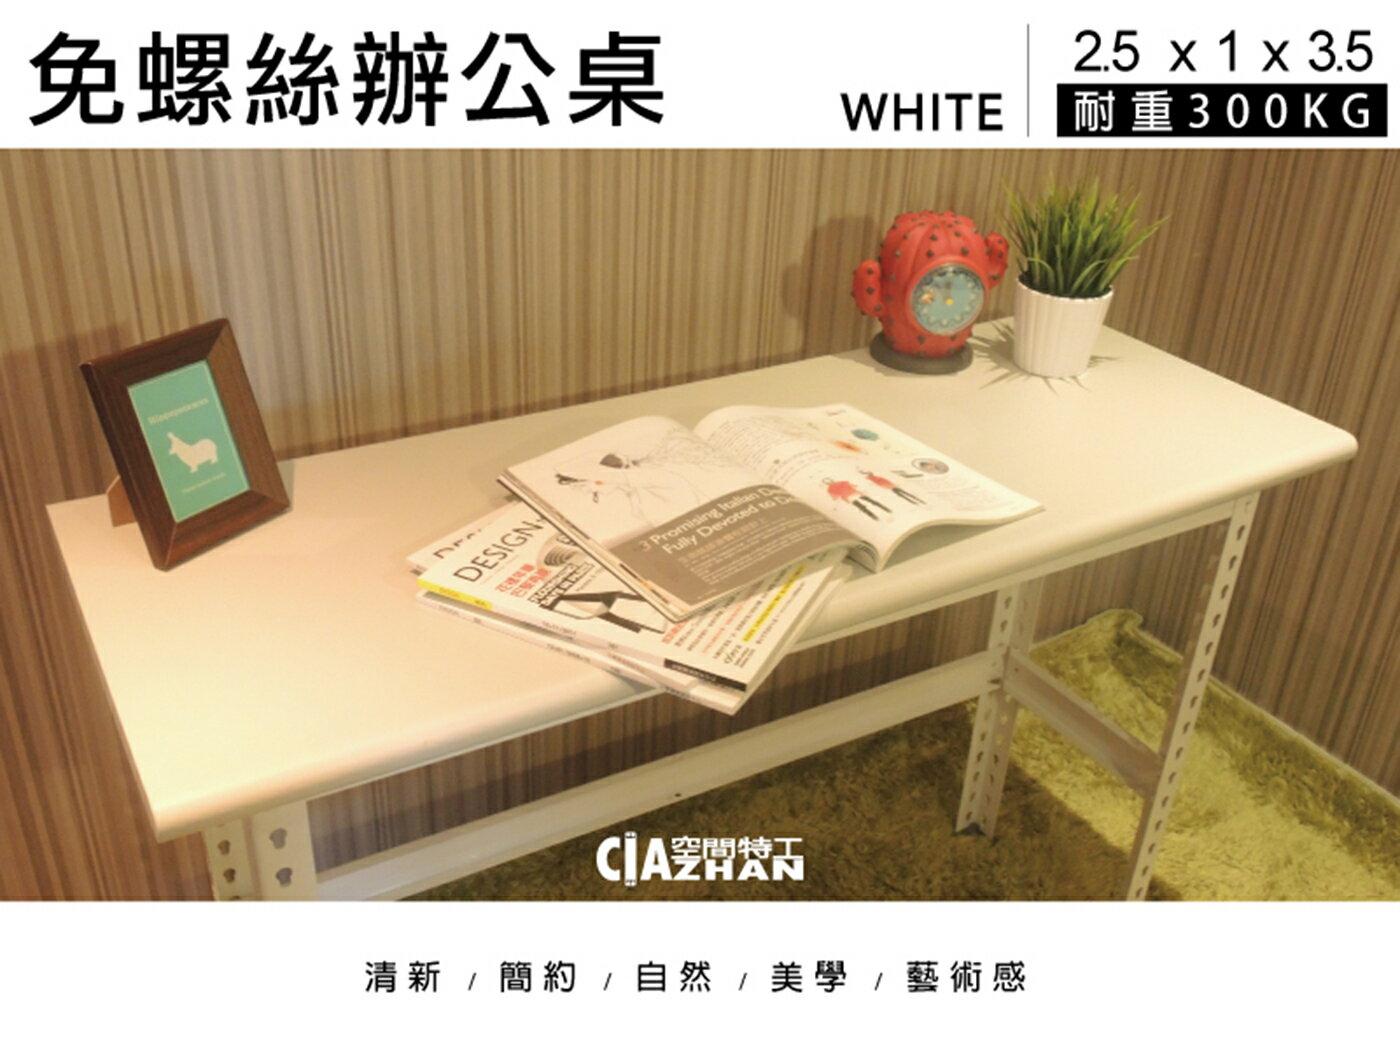 辦公桌OA♞空間特工♞(雪白桌板120x45cm,高密度塑合板 抗刮耐磨)角鋼桌 工作桌 免運費 - 限時優惠好康折扣